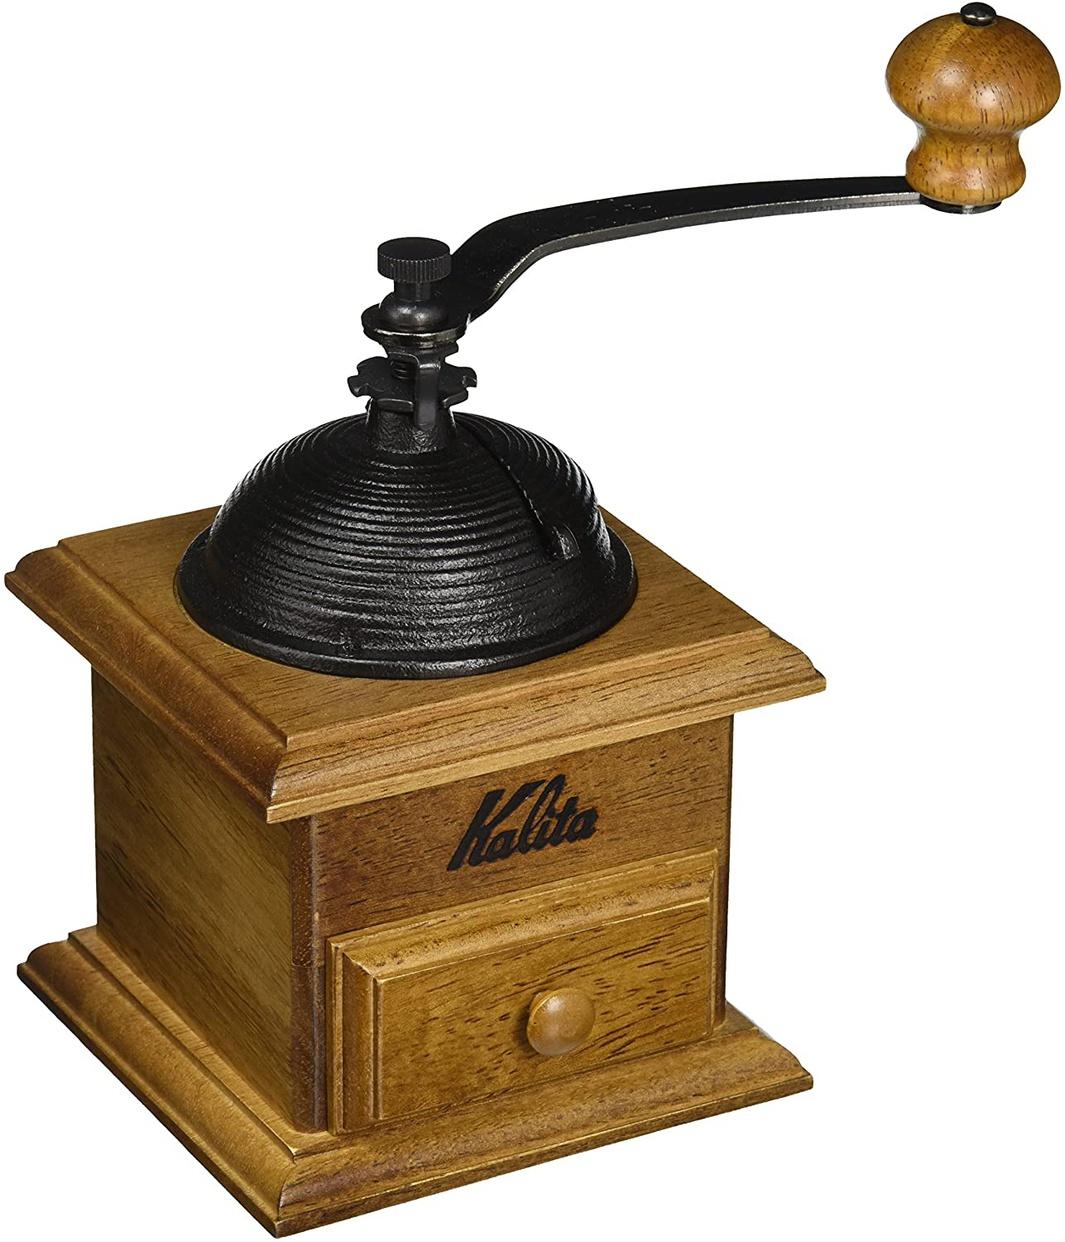 Kalita(カリタ) ドームミル 手挽き 42033の商品画像